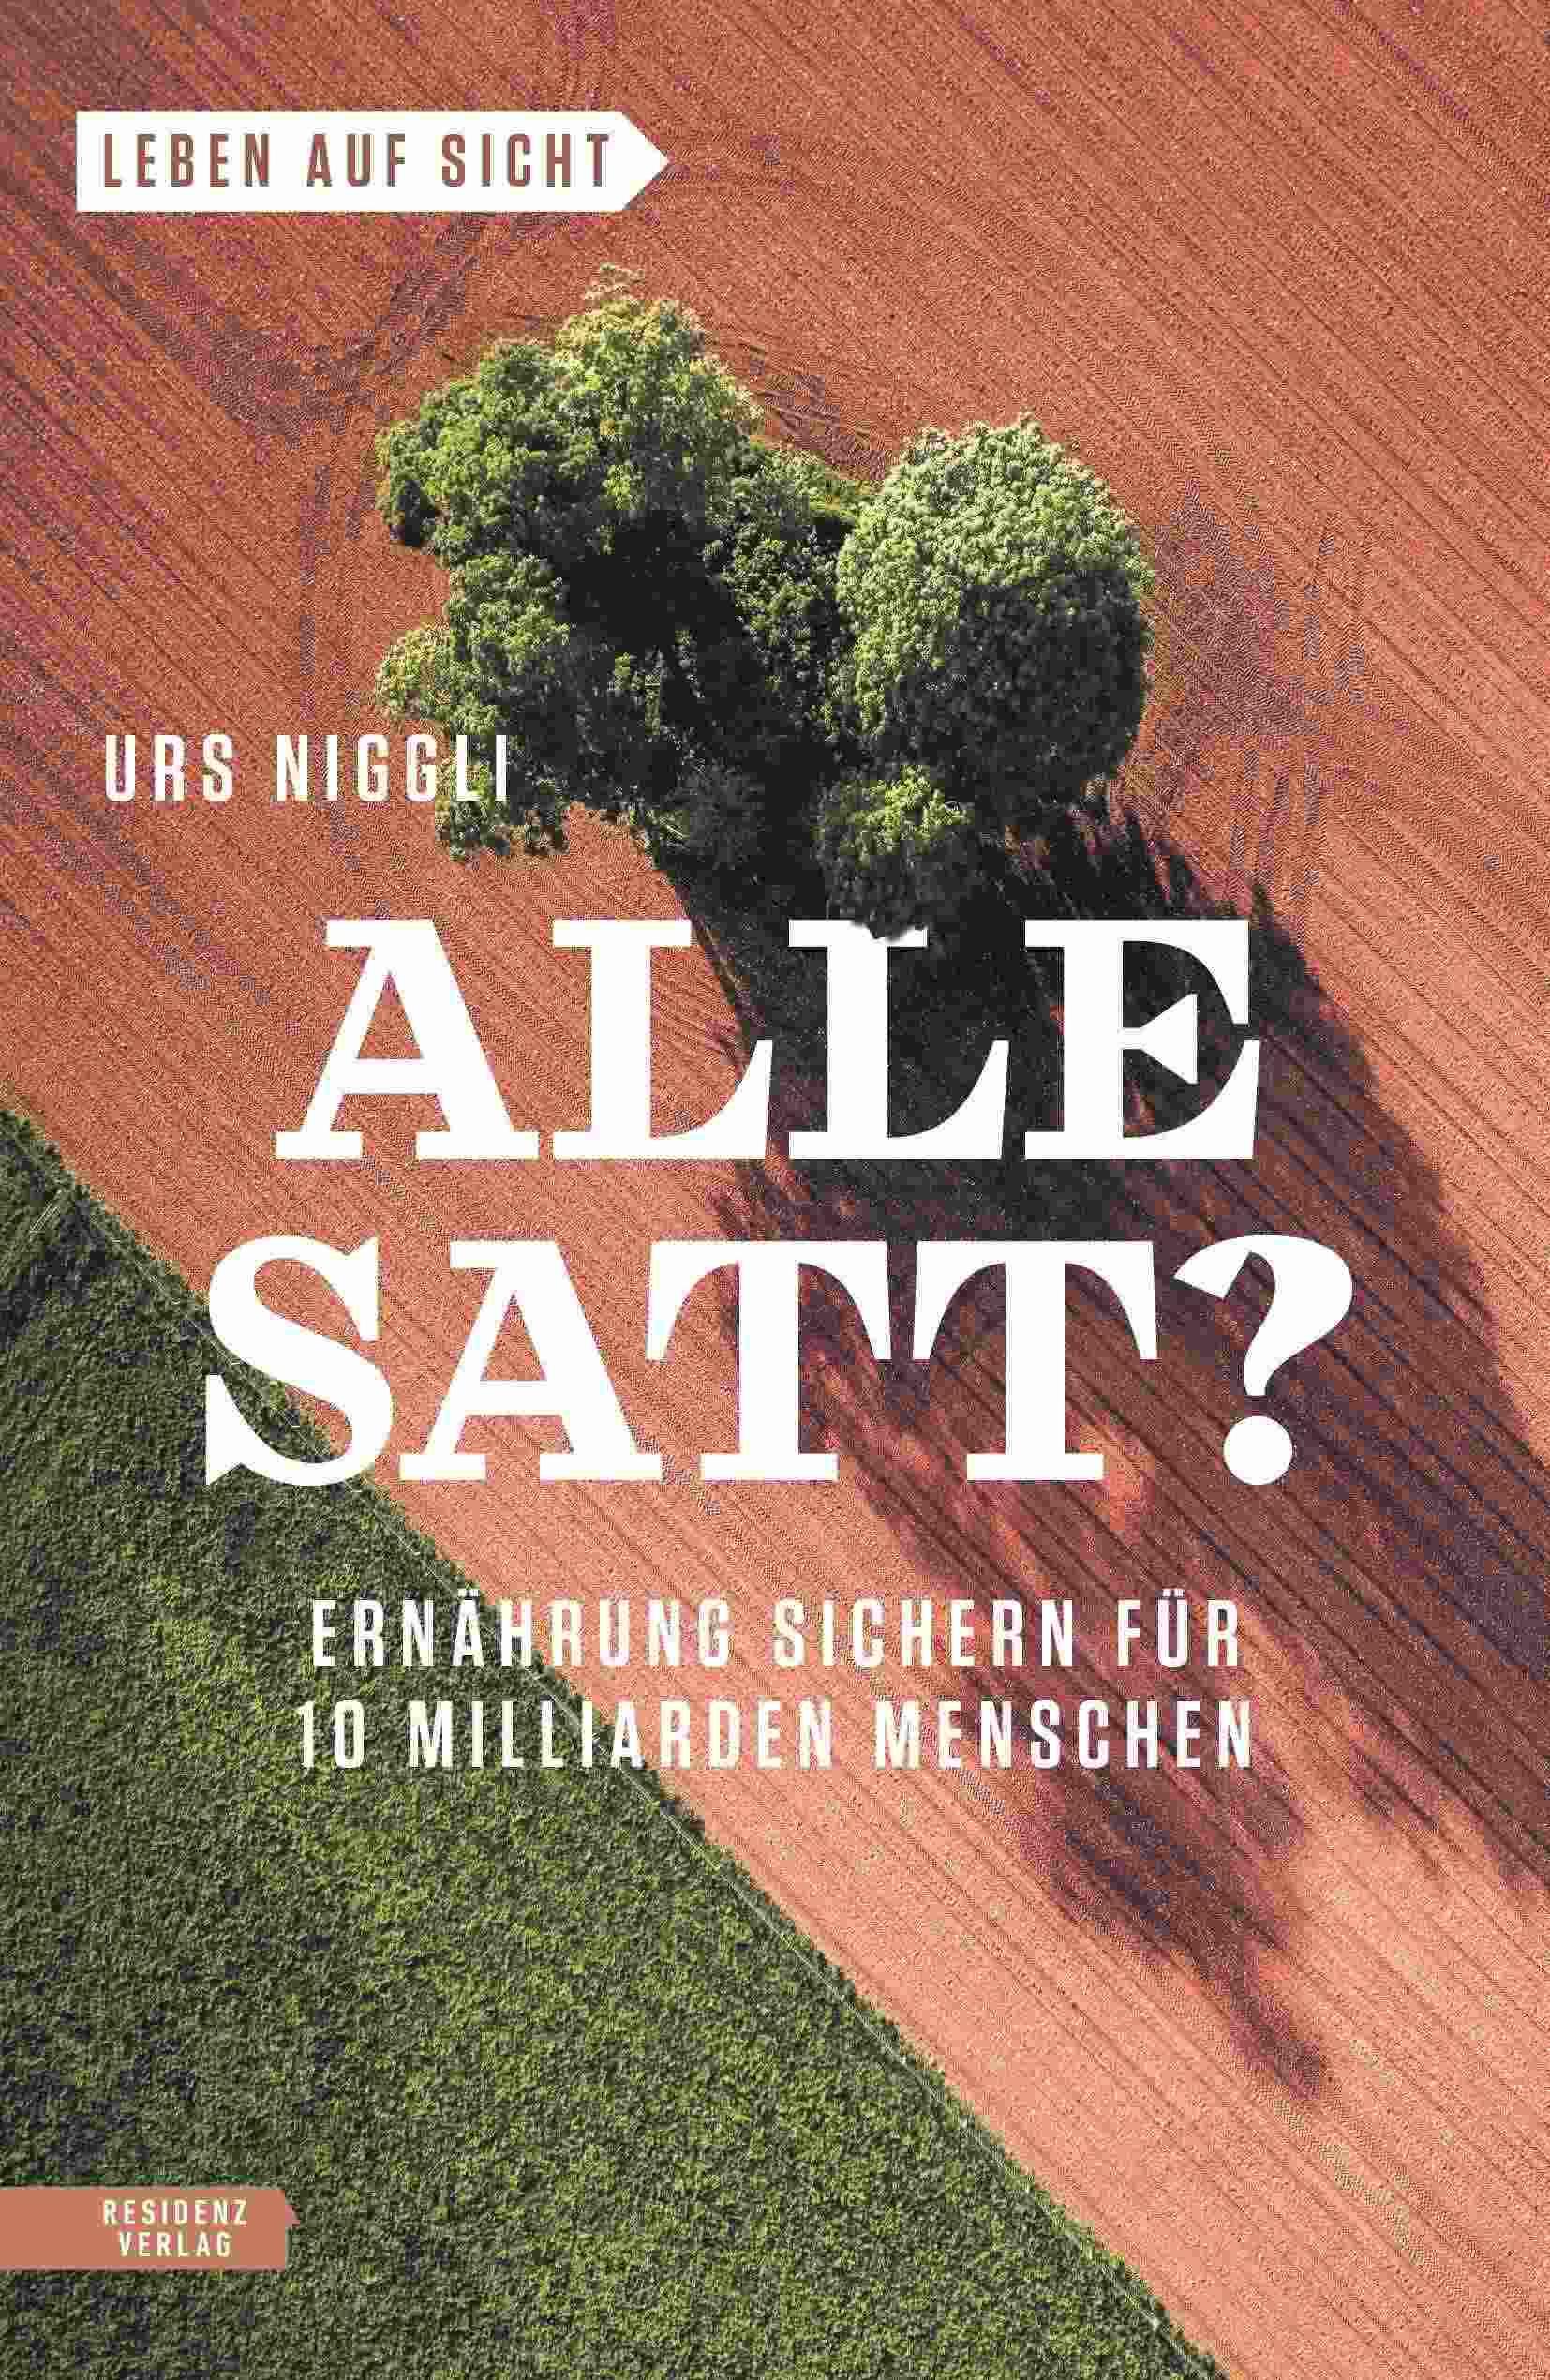 Alle satt_, Urs Niggli, Urs Niggli. Residenz Verlag